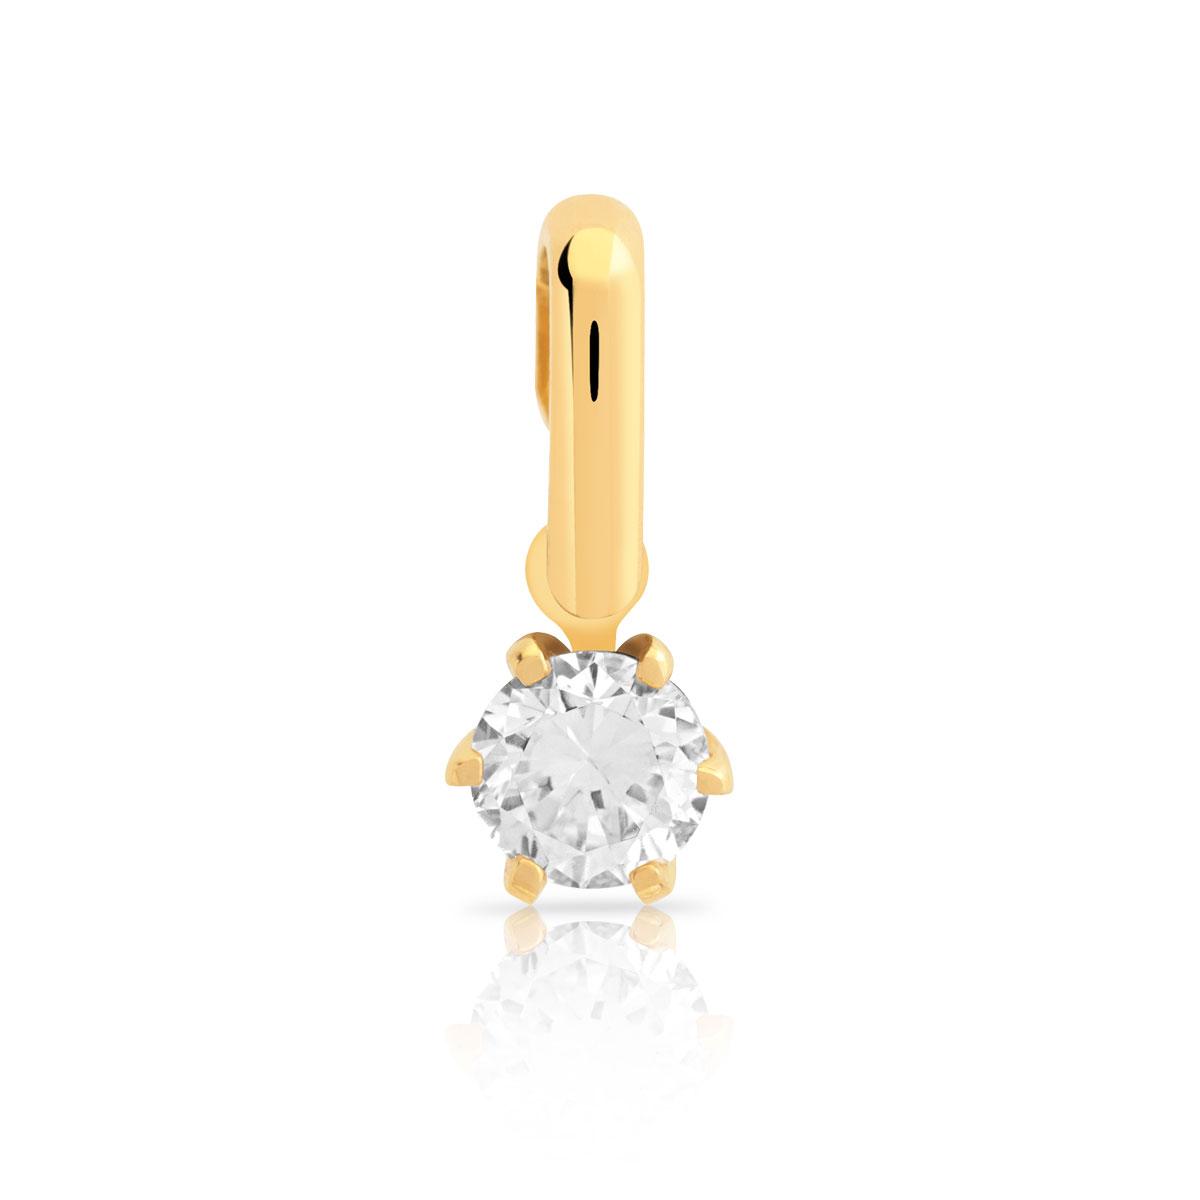 14c78adec60 Pendentif or 750 jaune diamant - Femme - Pendentif